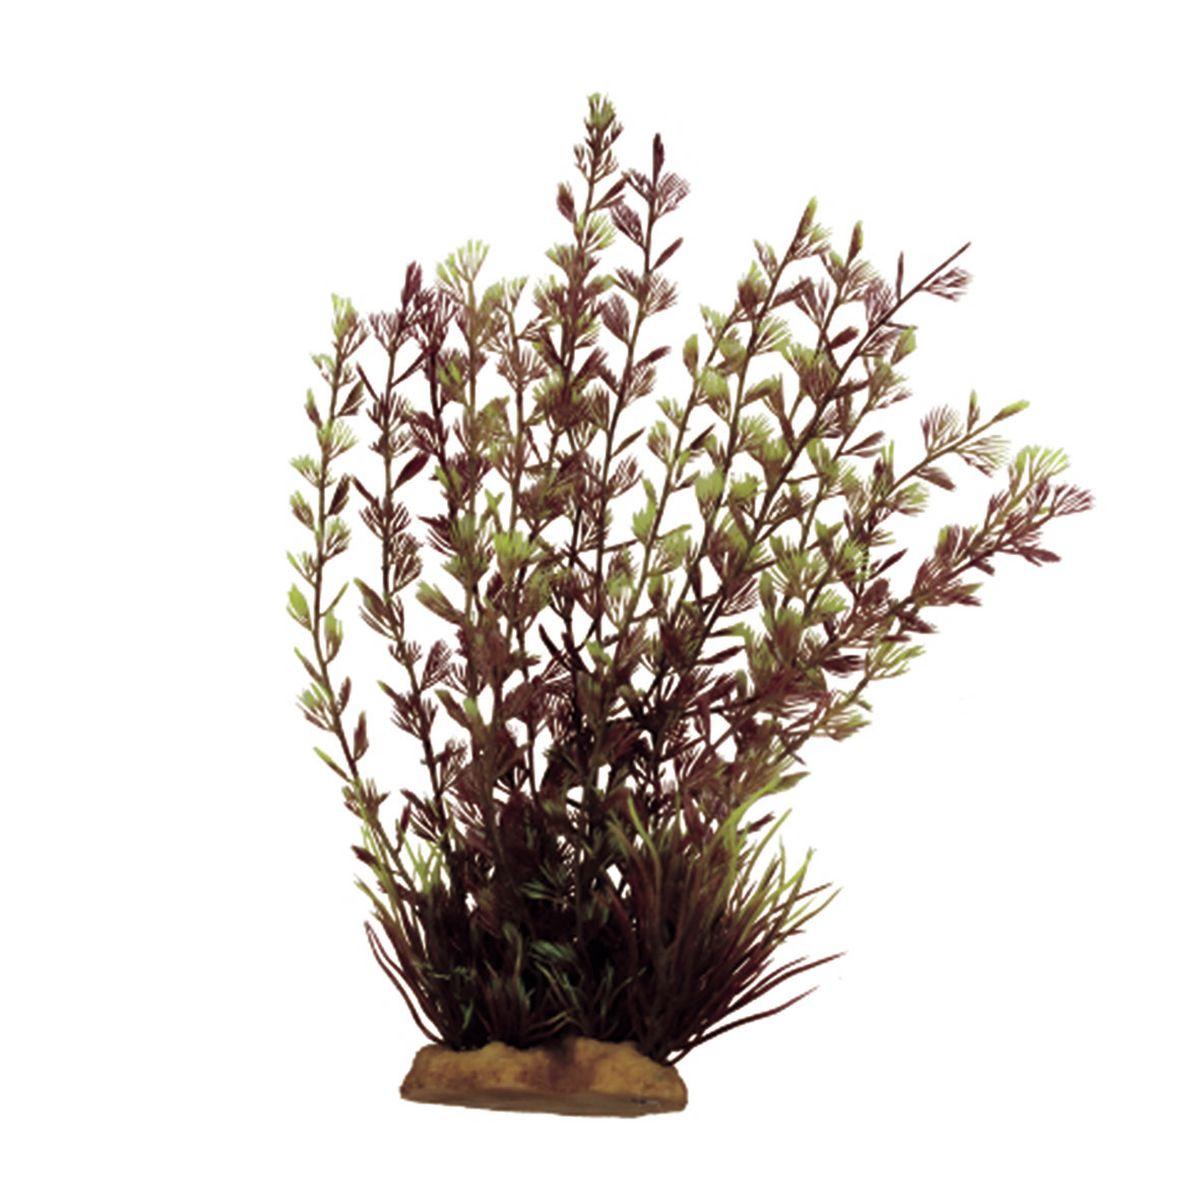 Растение для аквариума ArtUniq Кабомба вильчатая красная, высота 20 смART-1160519Растение для аквариума ArtUniq Кабомба вильчатая красная, высота 20 см